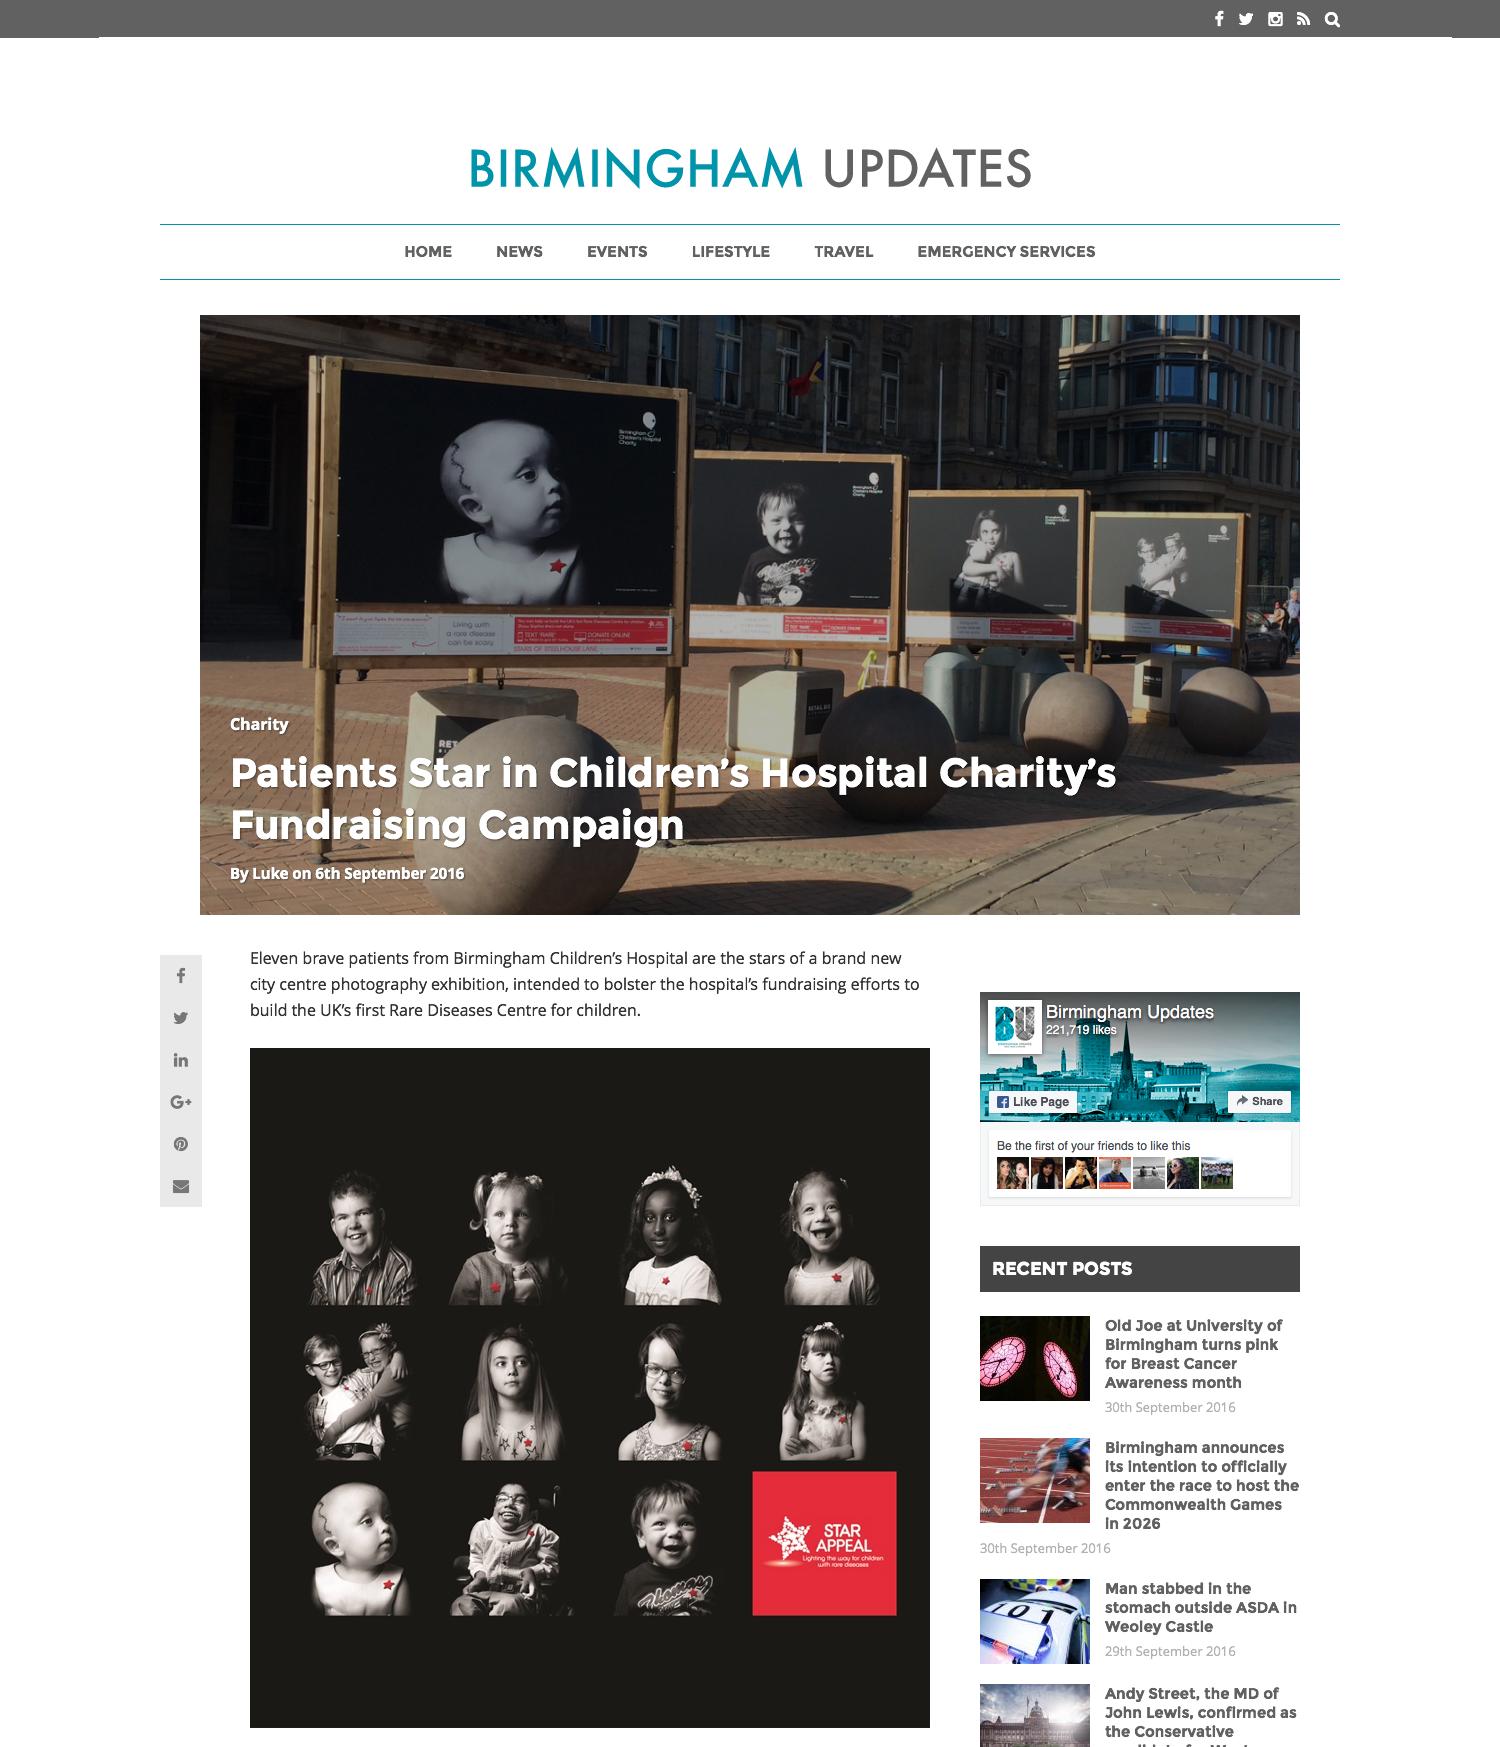 Birmingham Updates Article